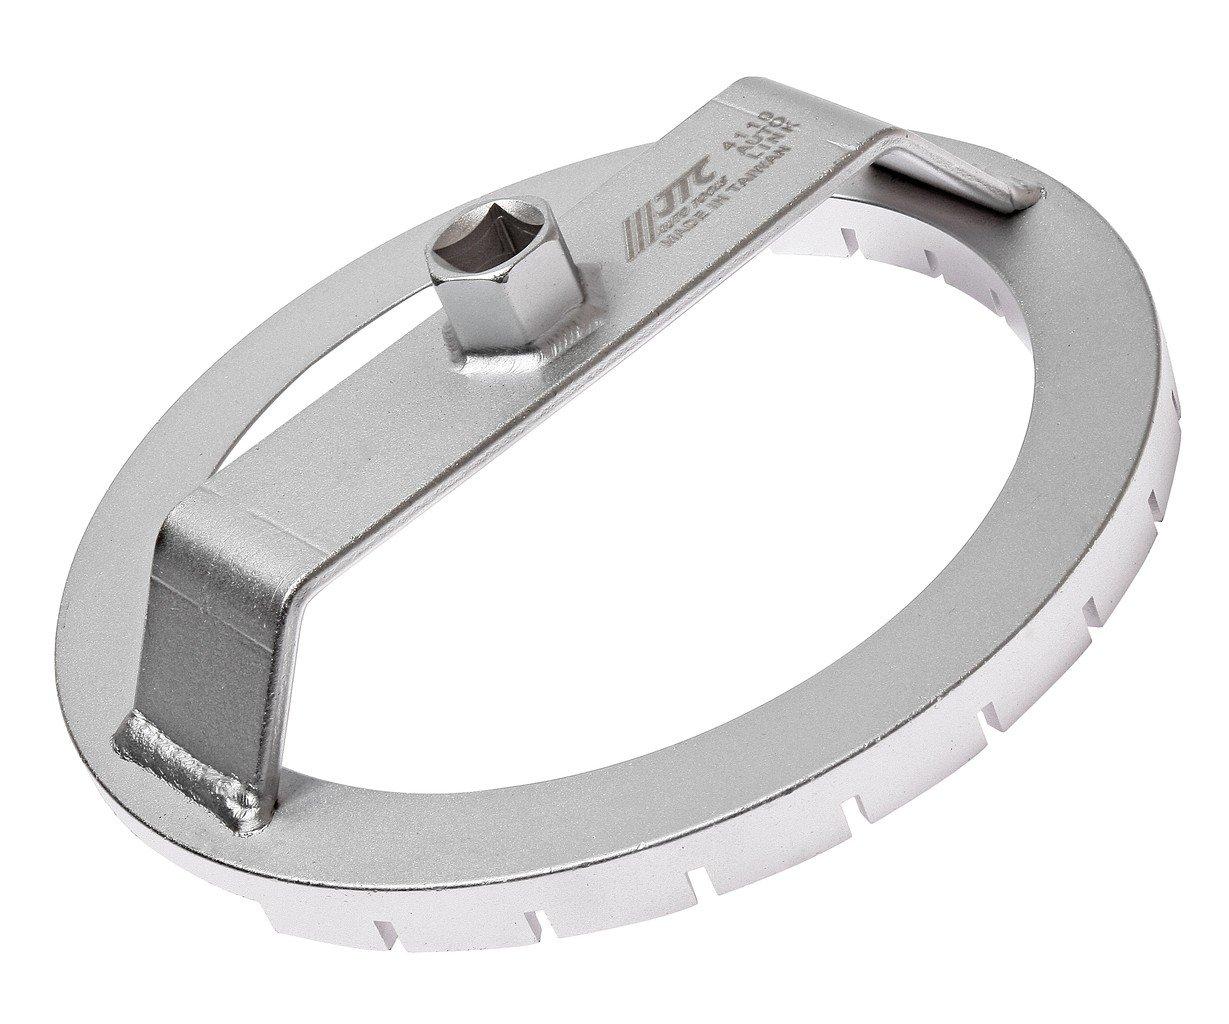 JTC-4110 Ключ для крышки топливного насоса (MERCEDES W164, W251)